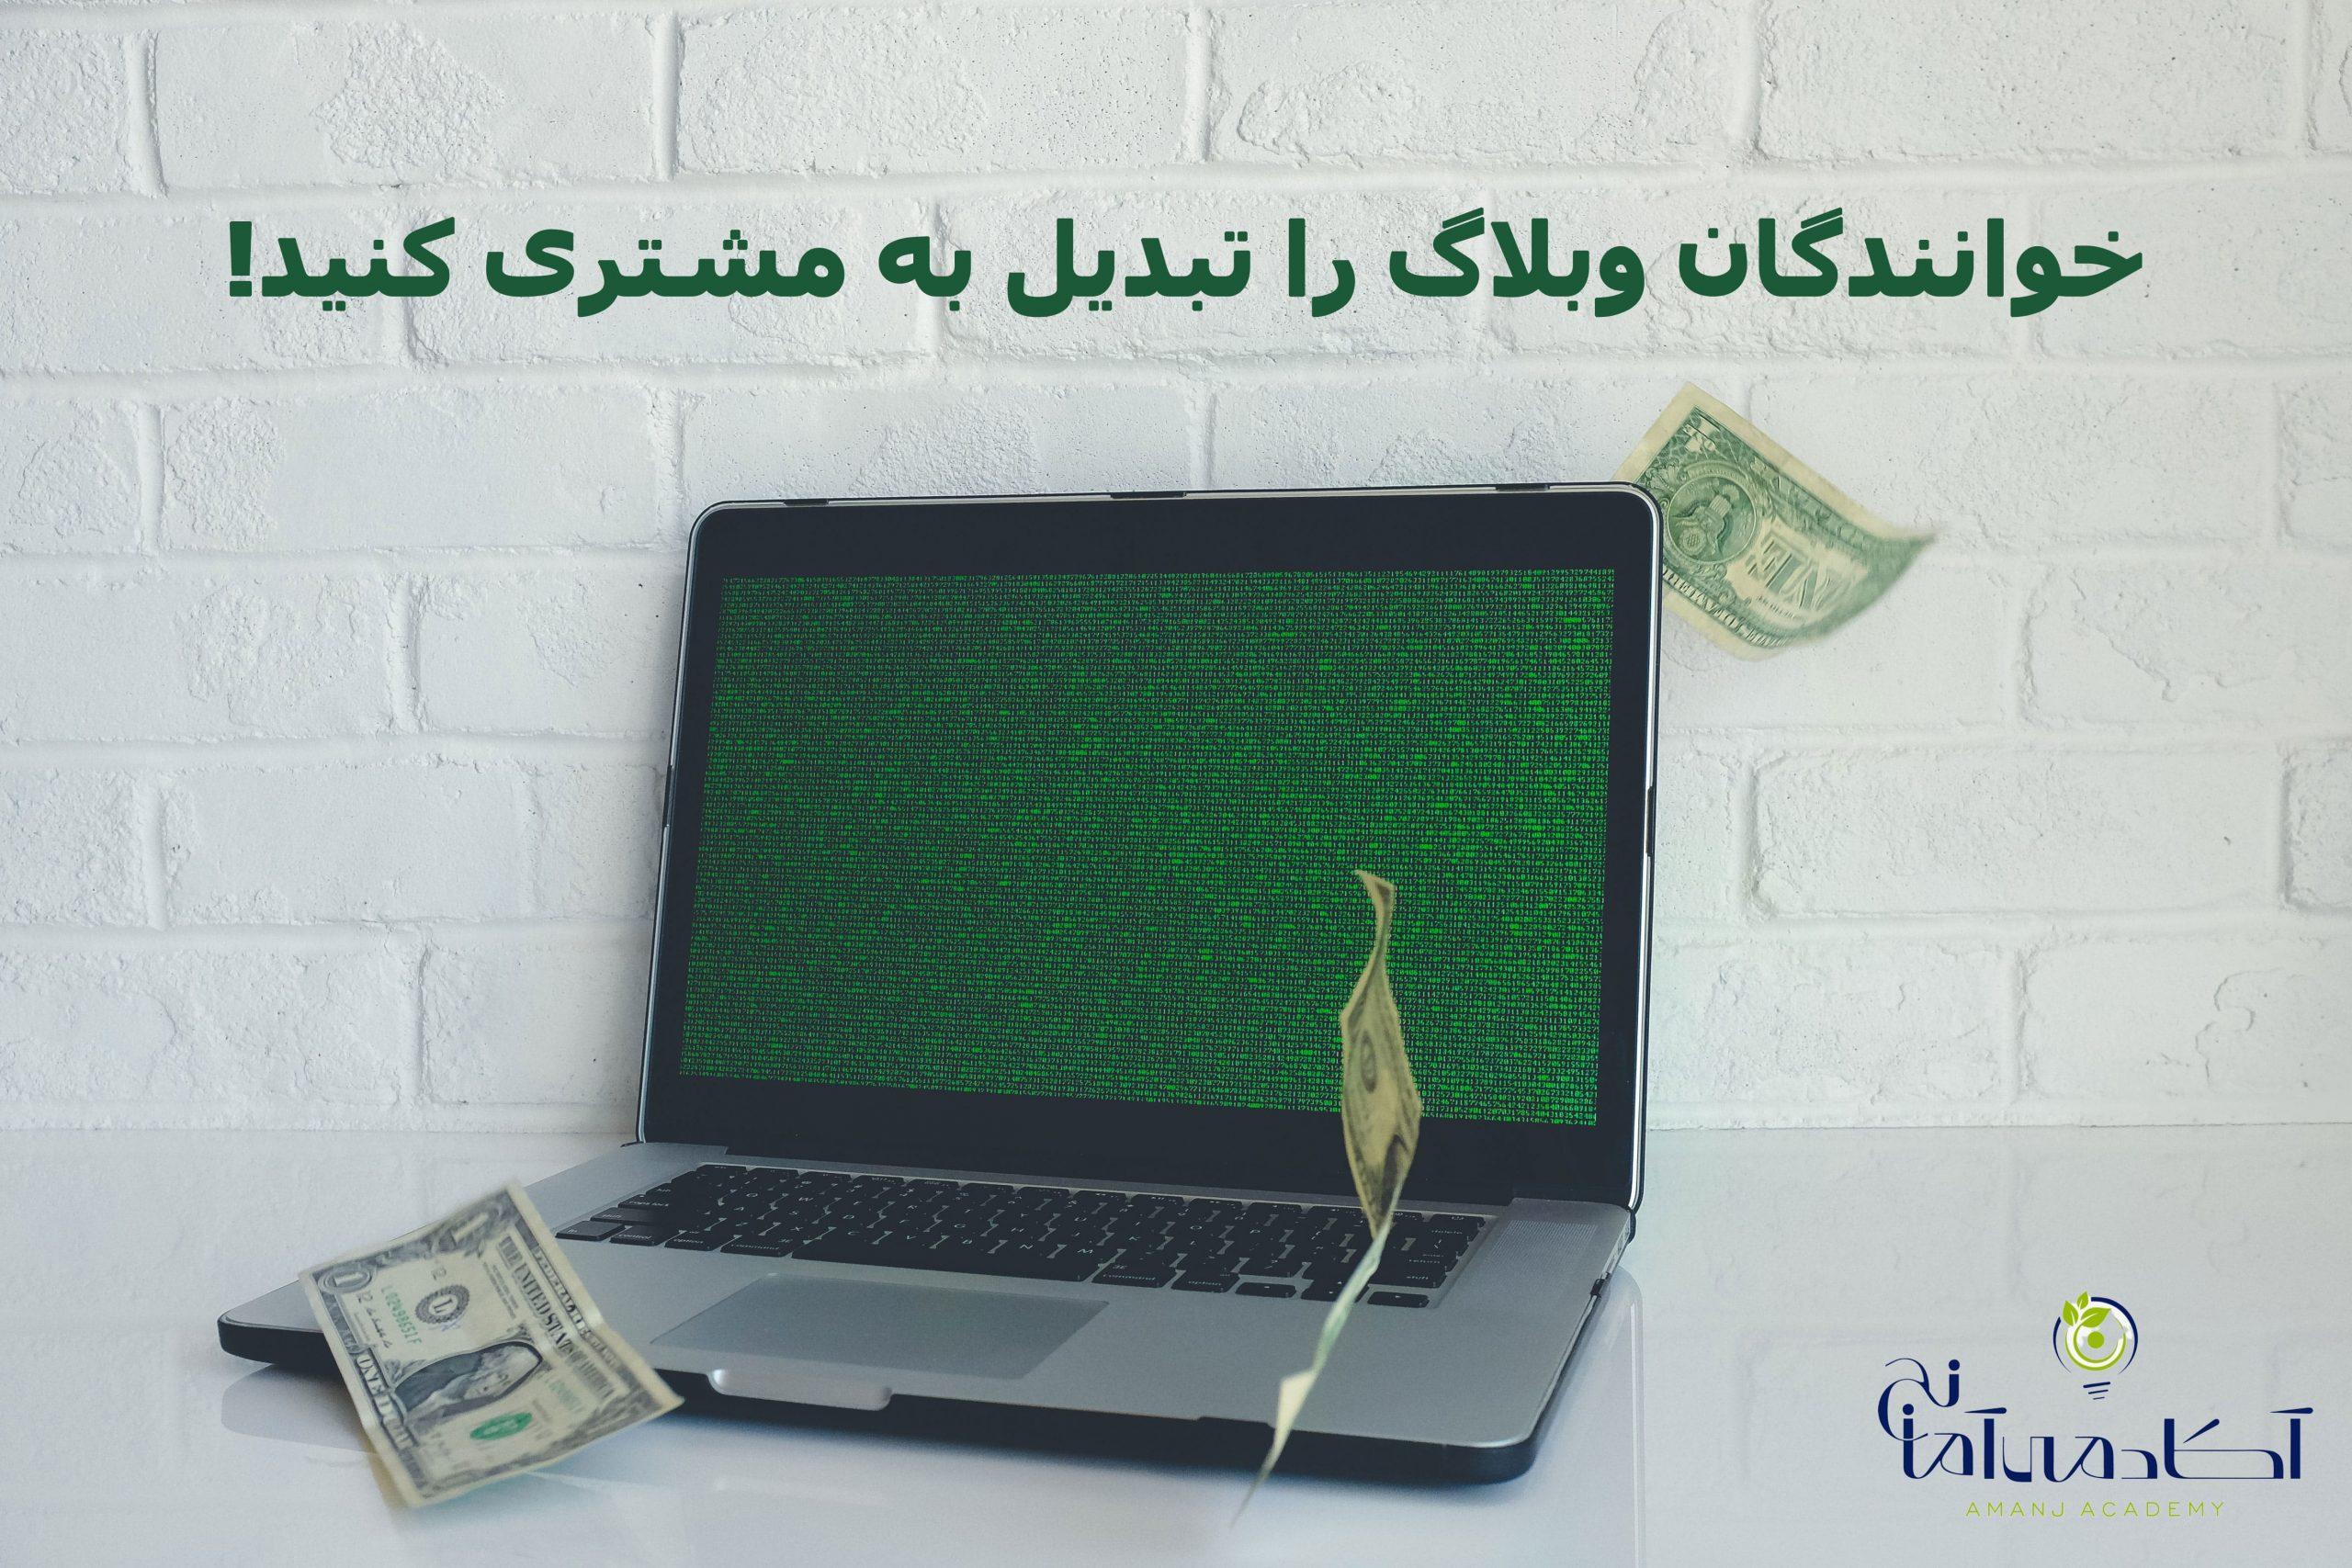 کسب درامد از طریق وبلاگ